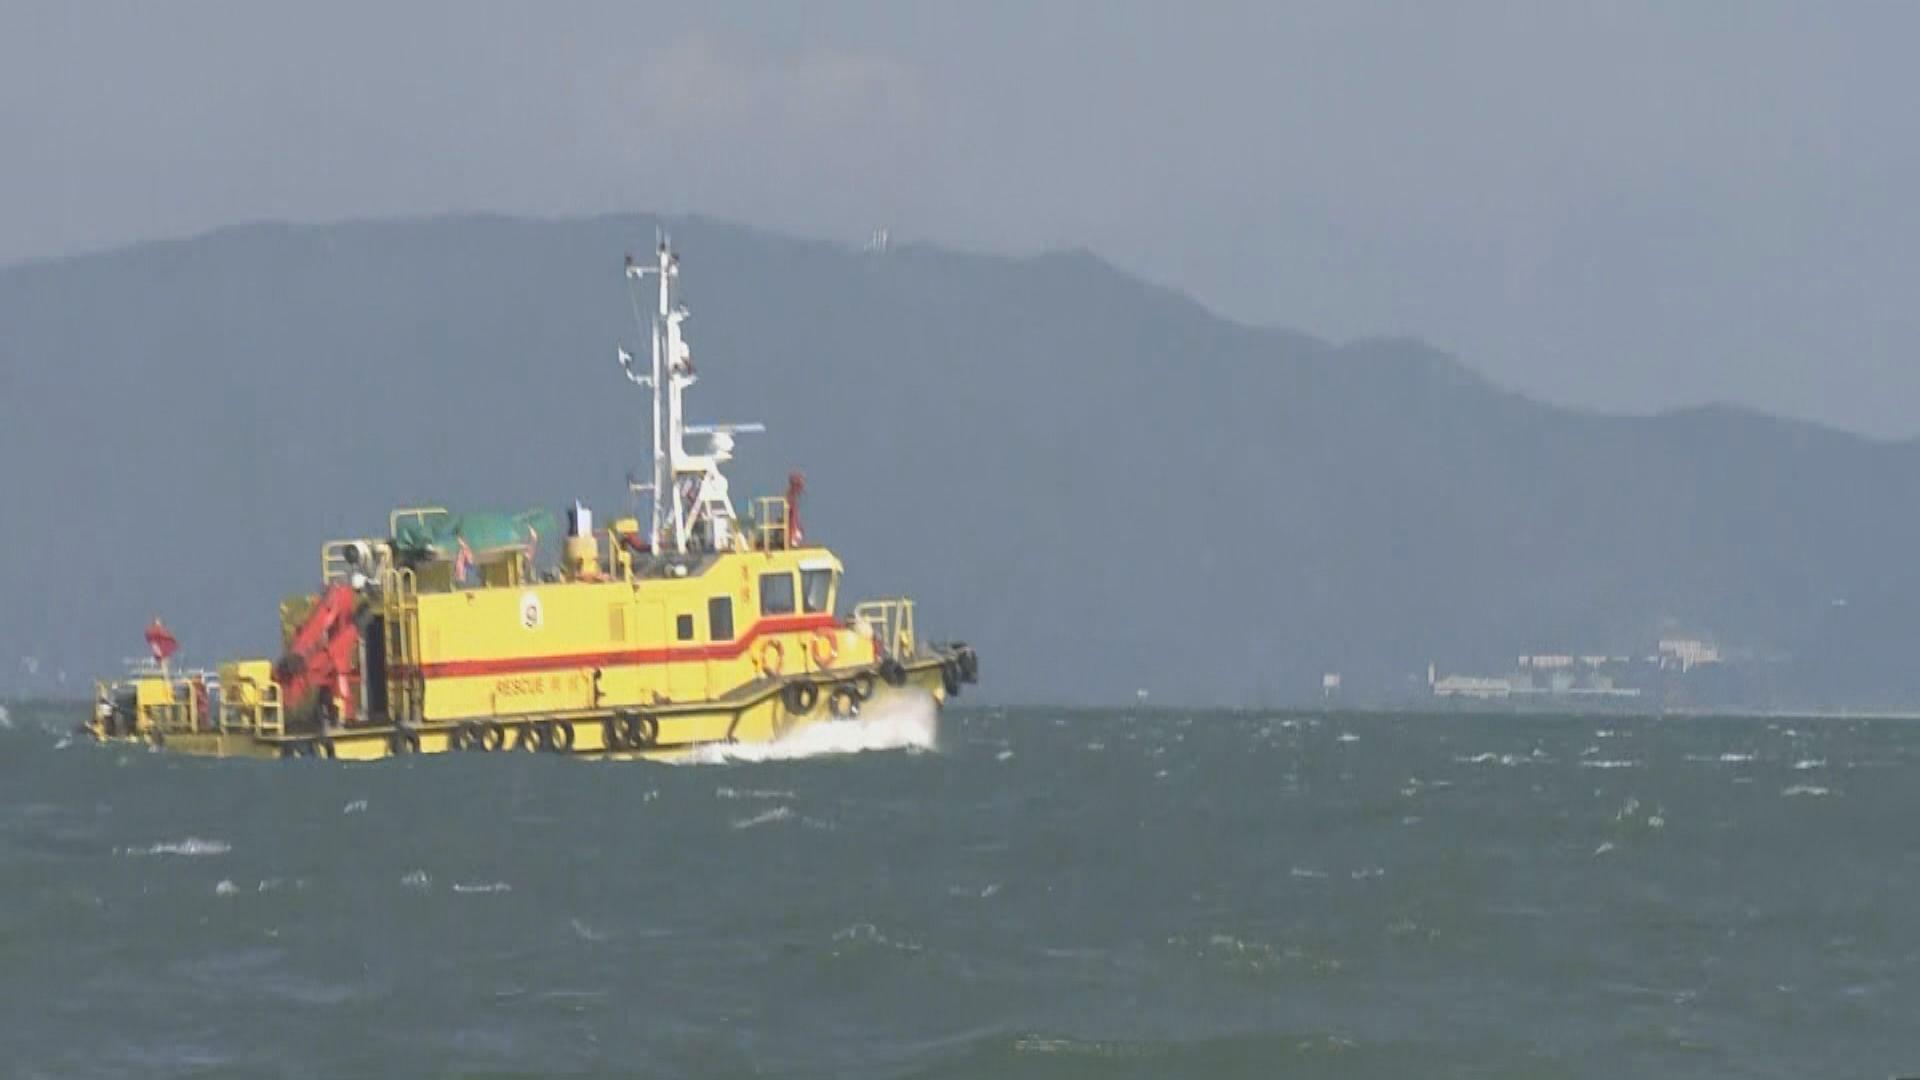 蕭澤頤到醫院探望受傷水警 當局繼續搜索失蹤女警